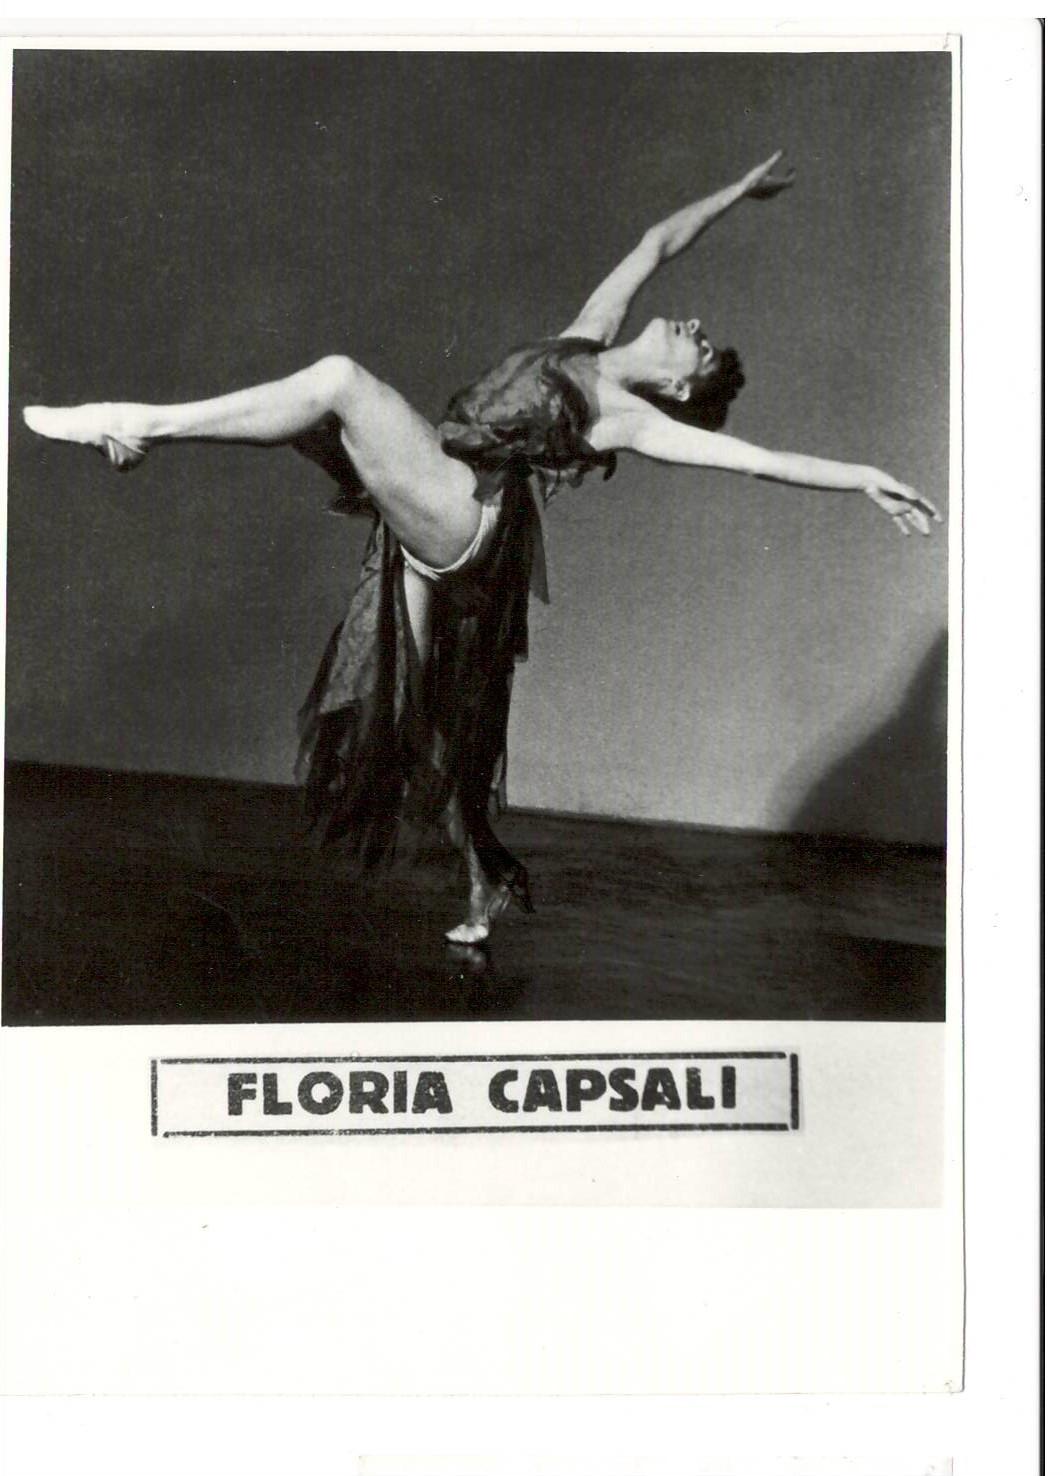 Floria Capsali 3